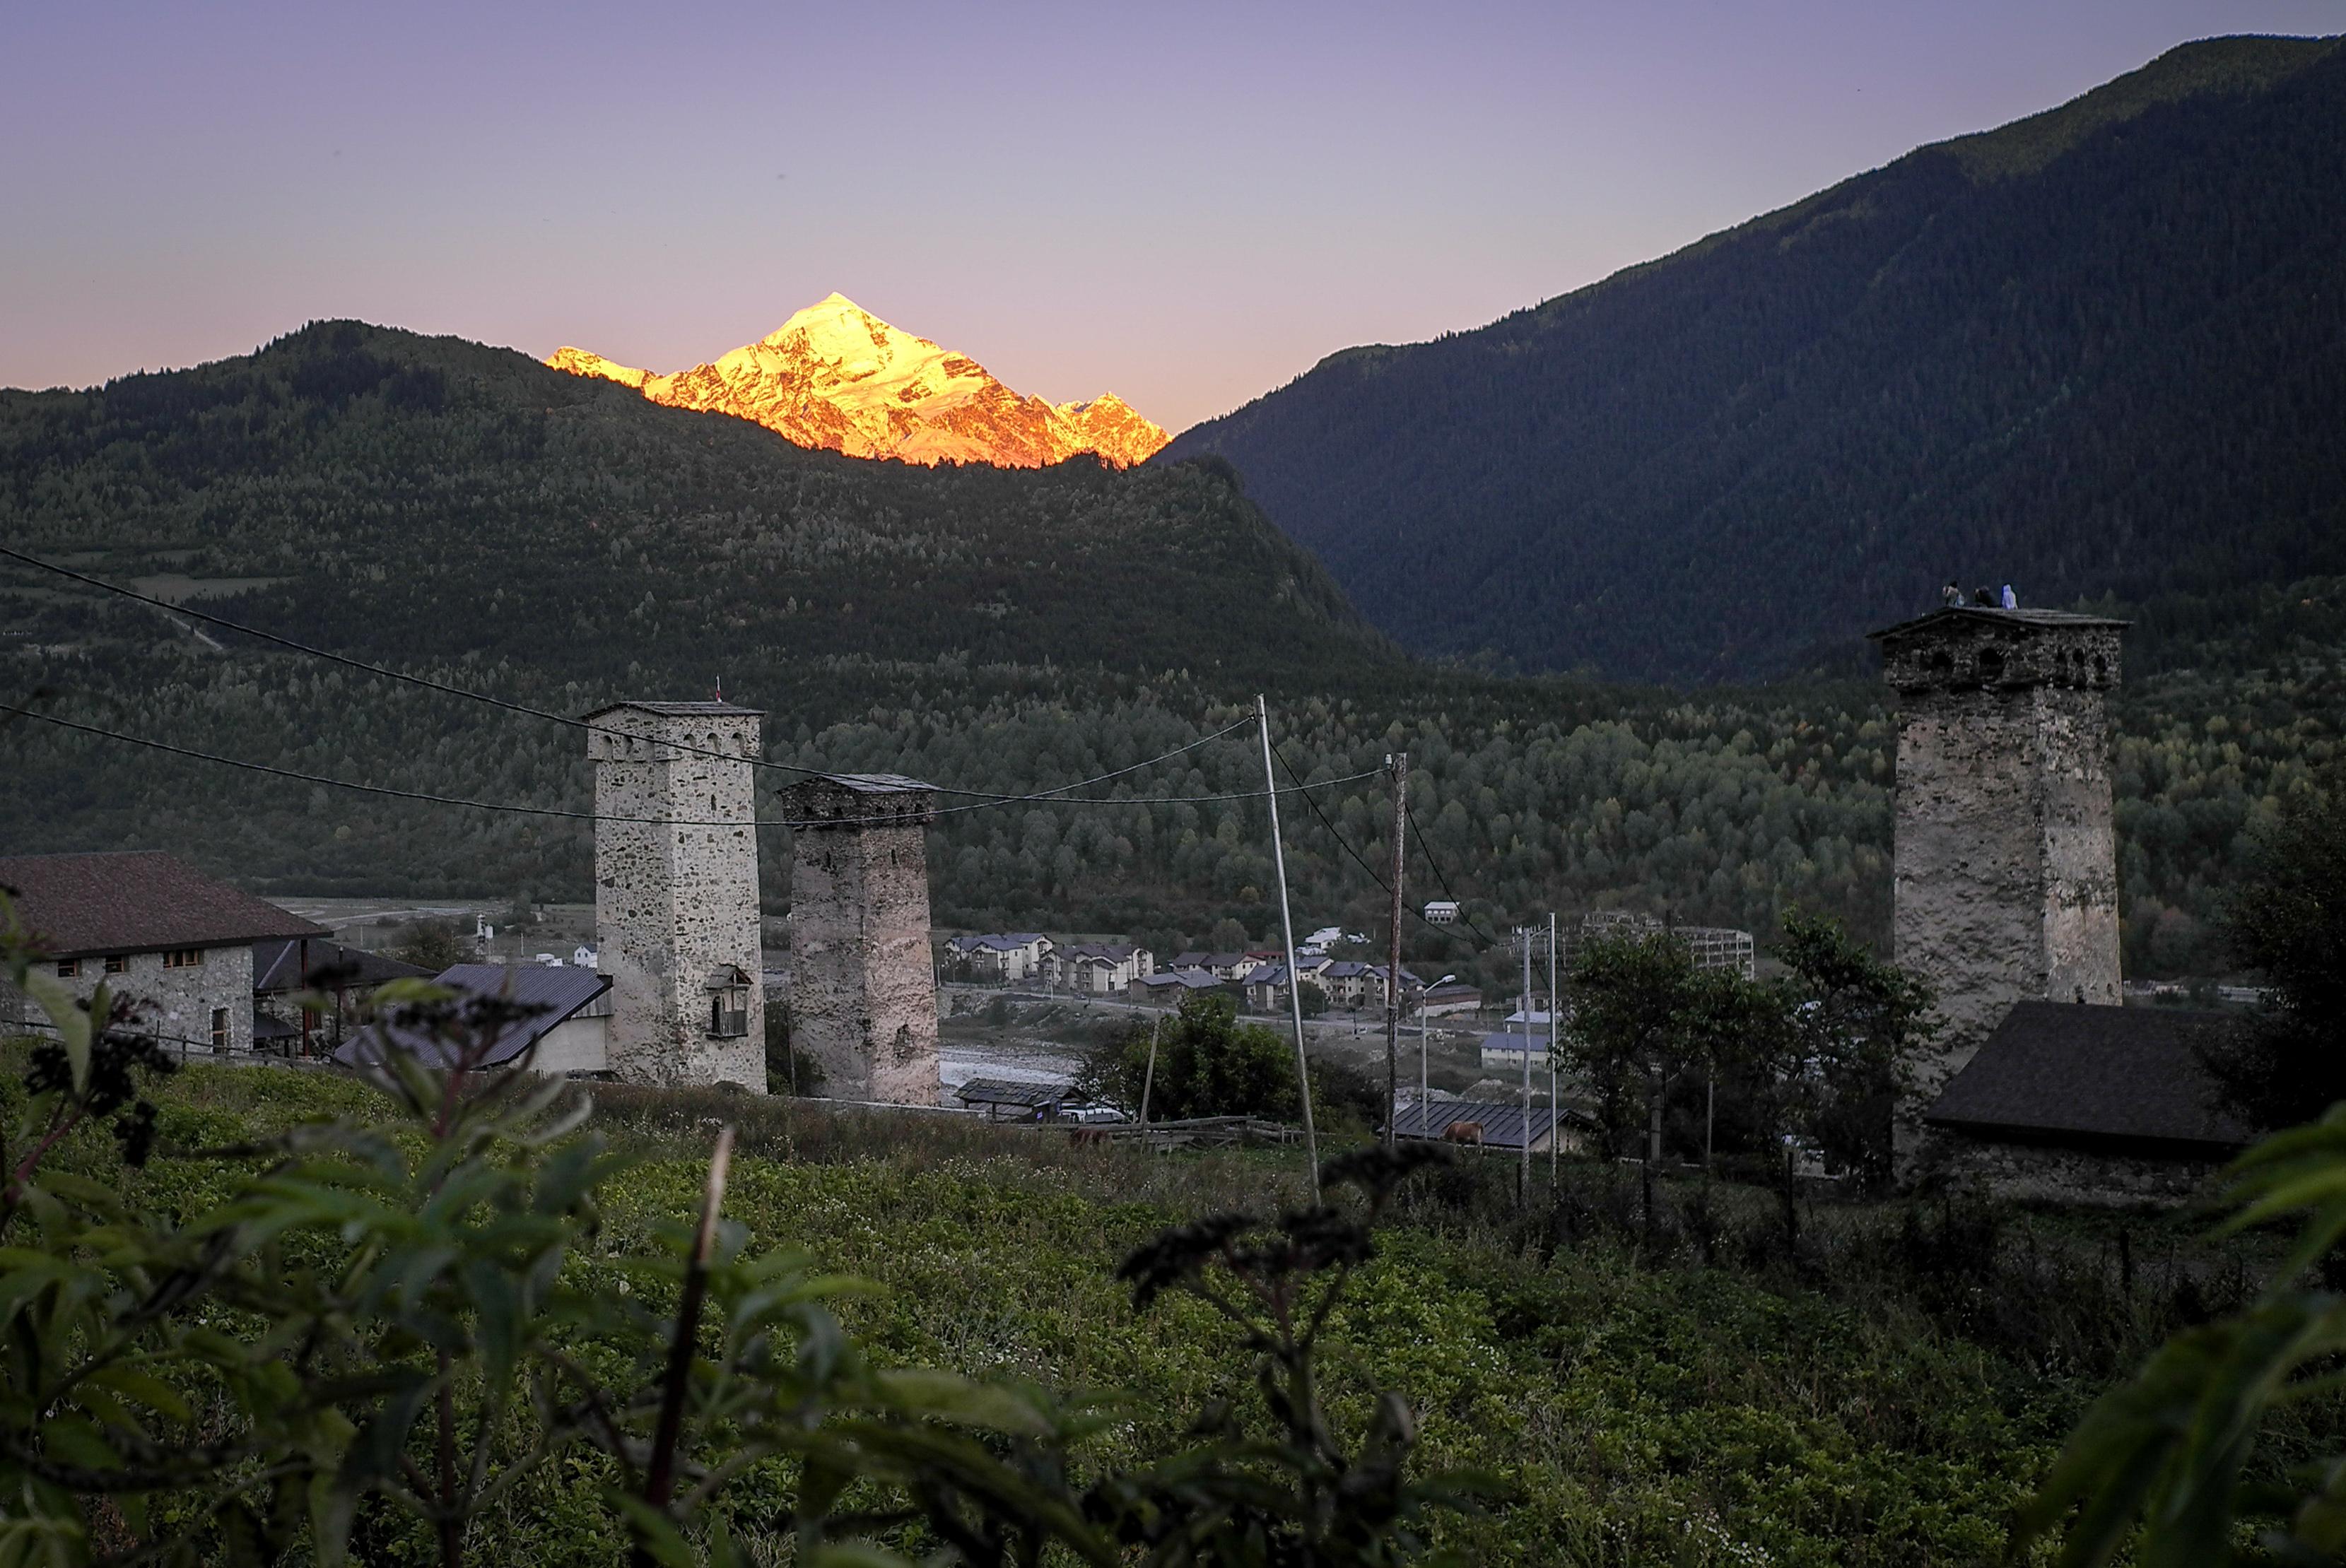 Sonnenuntergang in Mestia